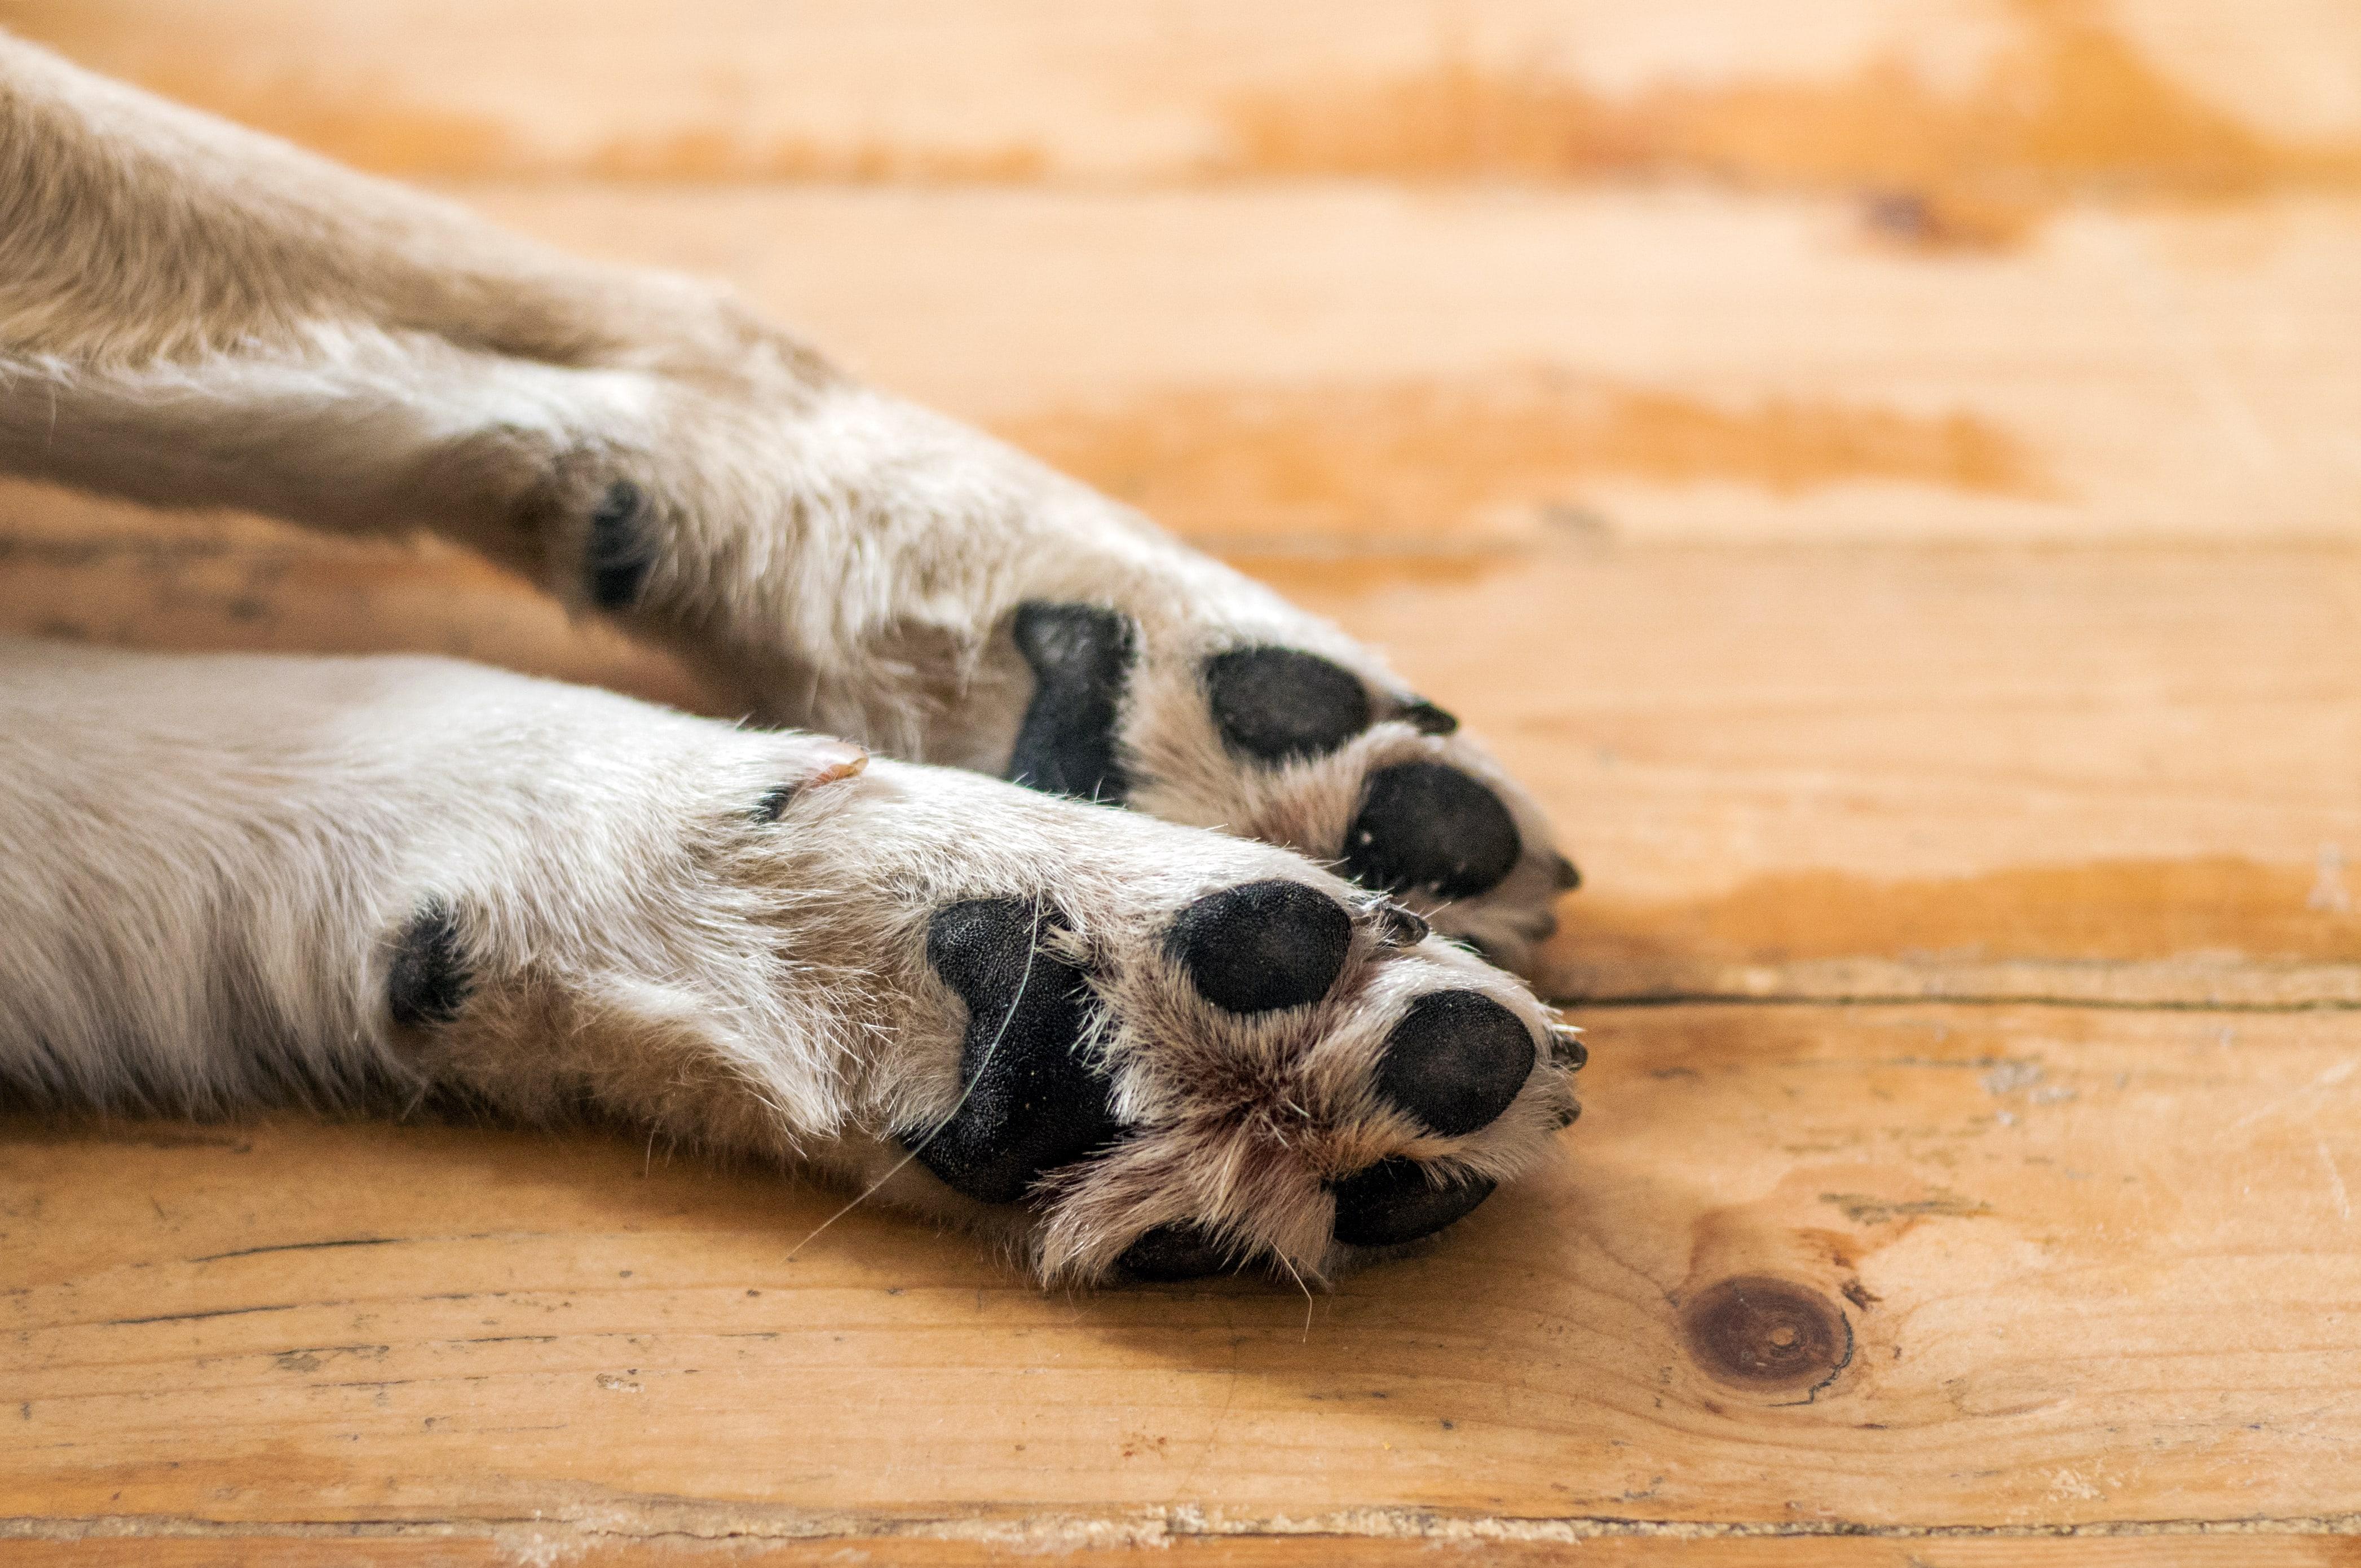 Indignación por asesinato de un perro en Bogotá